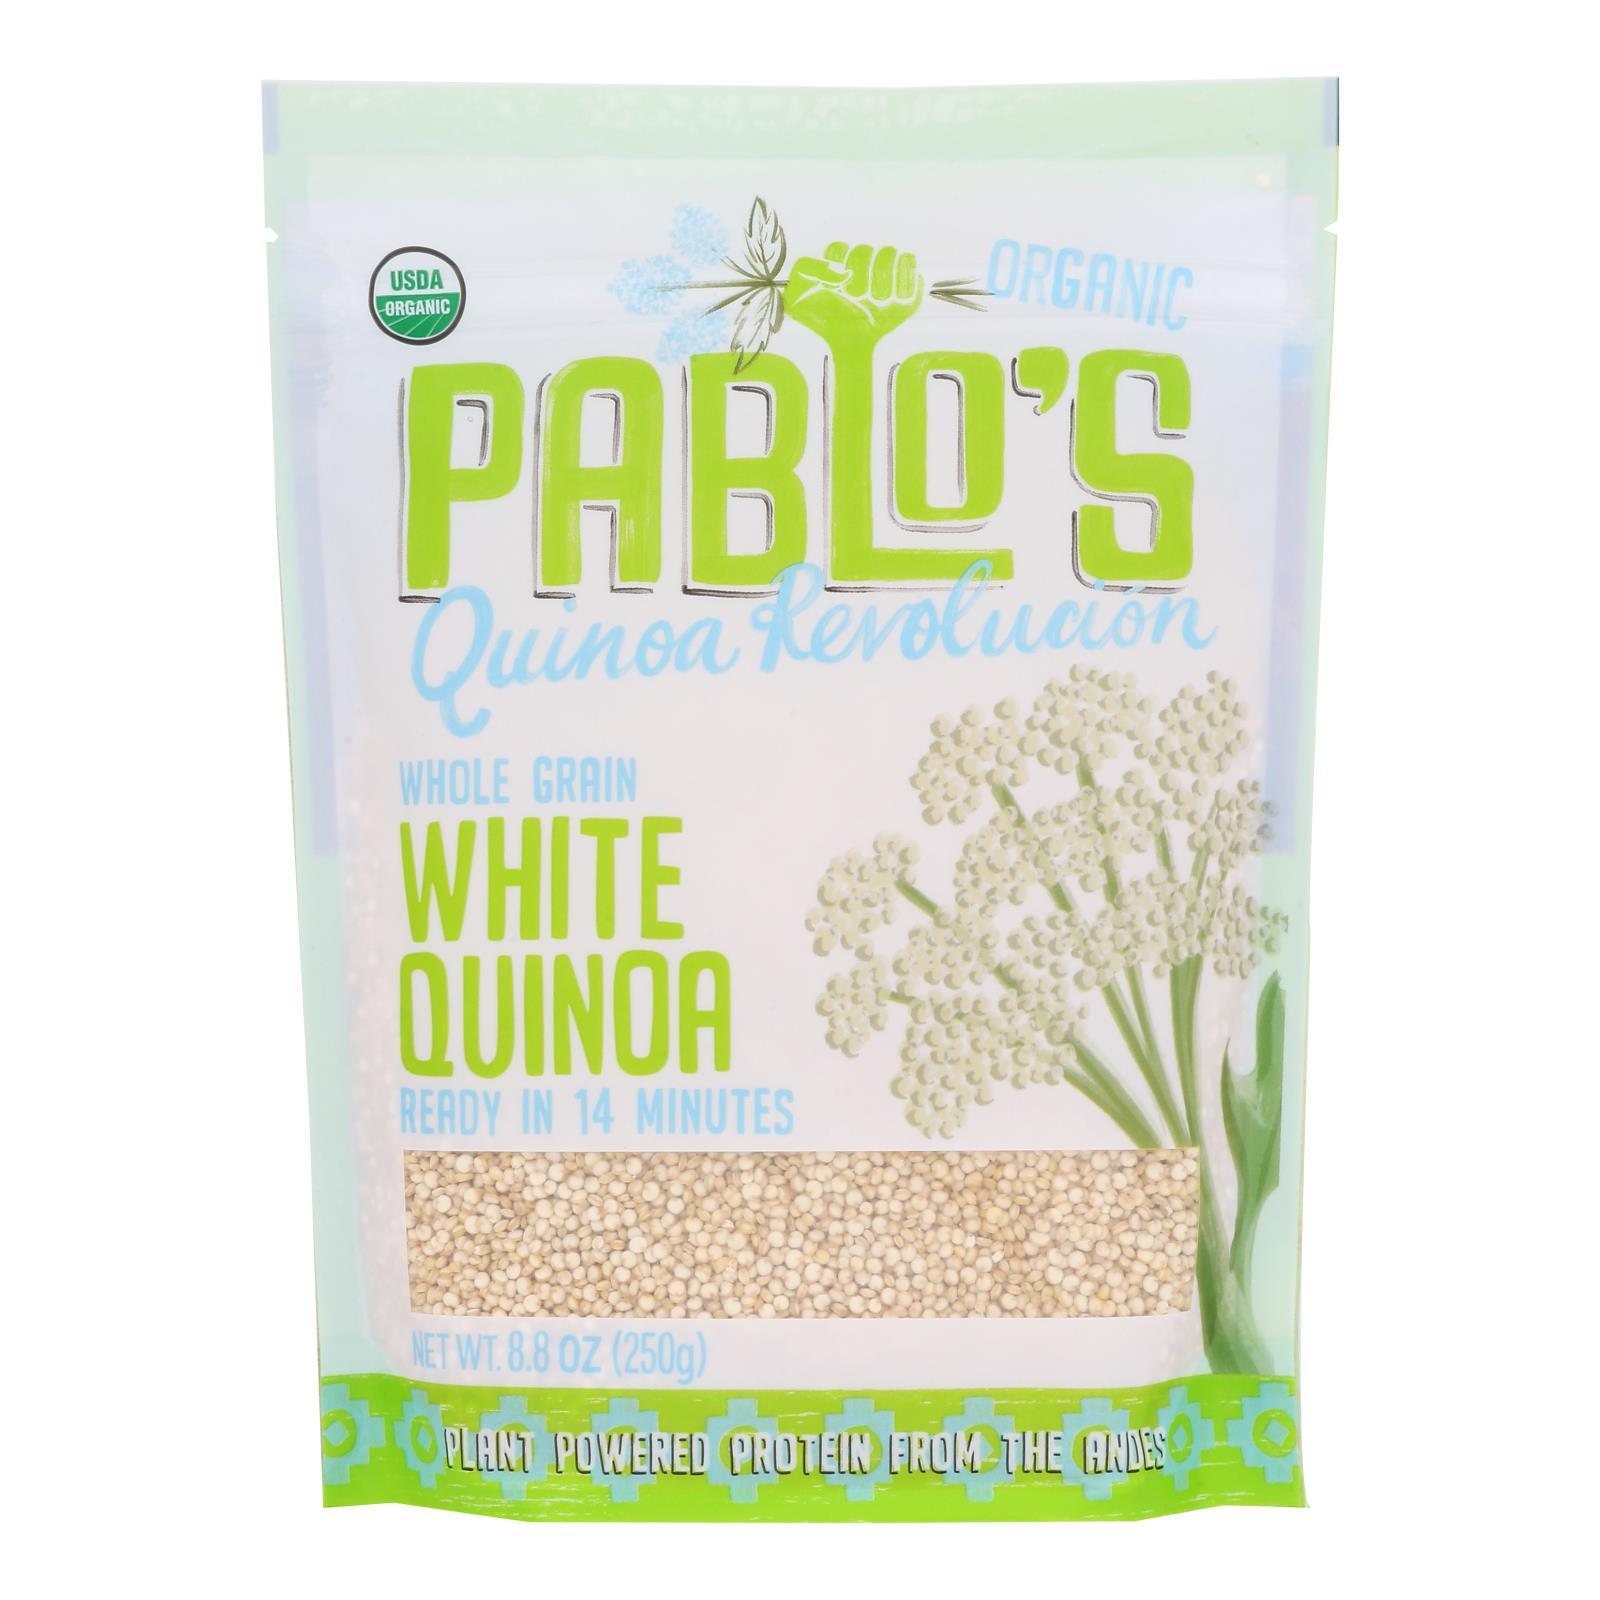 Paul`s Quinoa - Seeds Quinoa - Case of 7 - 8.8 OZ